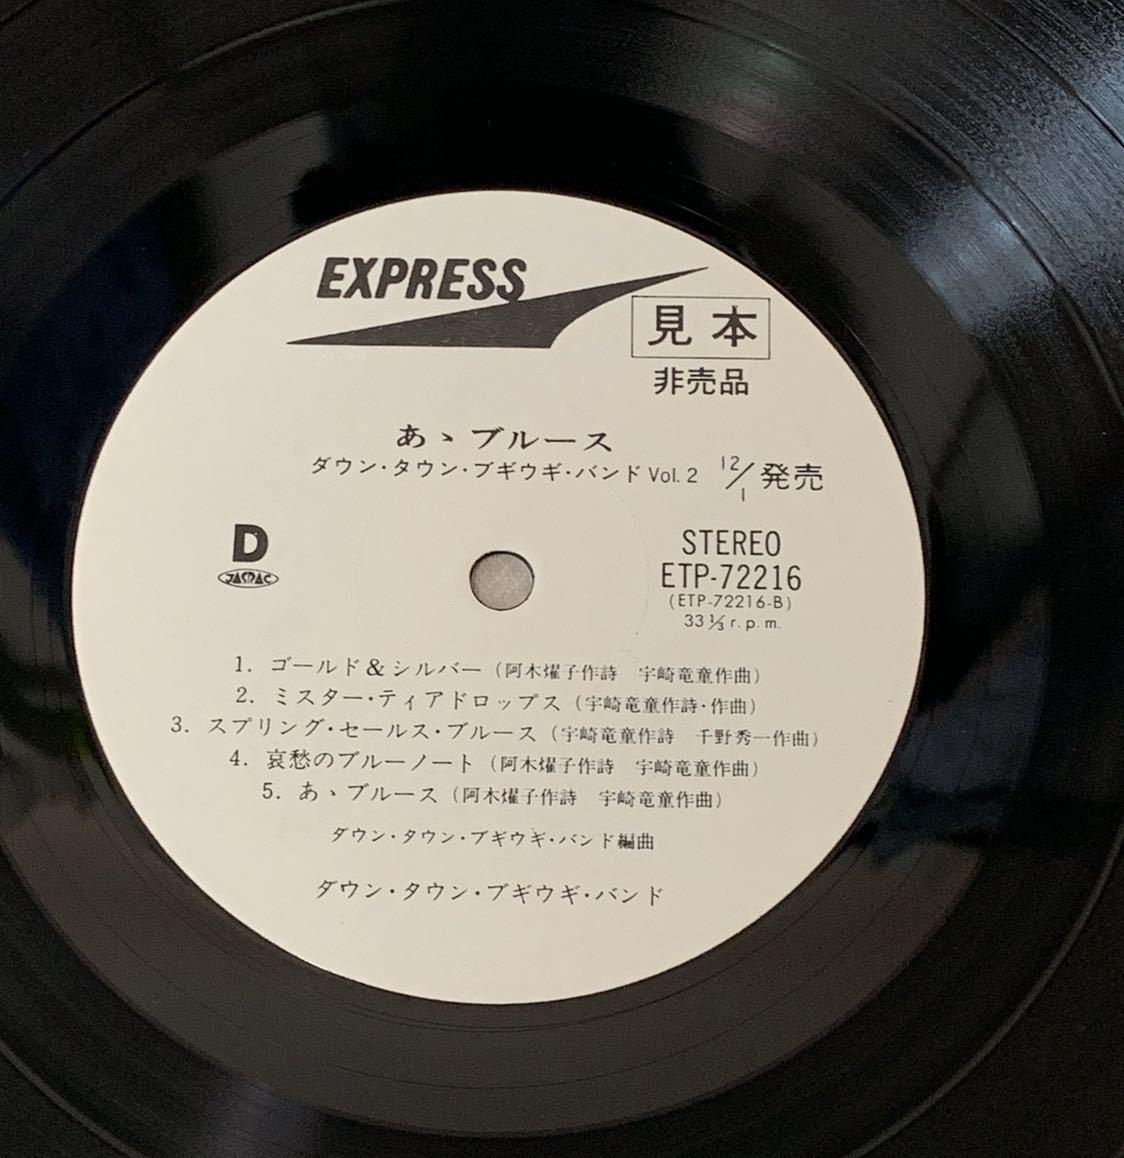 【LP レコード 見本盤 非売品】ETR-72216 ダウン・タウン・ブギウギ・バンド あゝブルース 音楽 日本 ロック ポップス コレクション_画像6